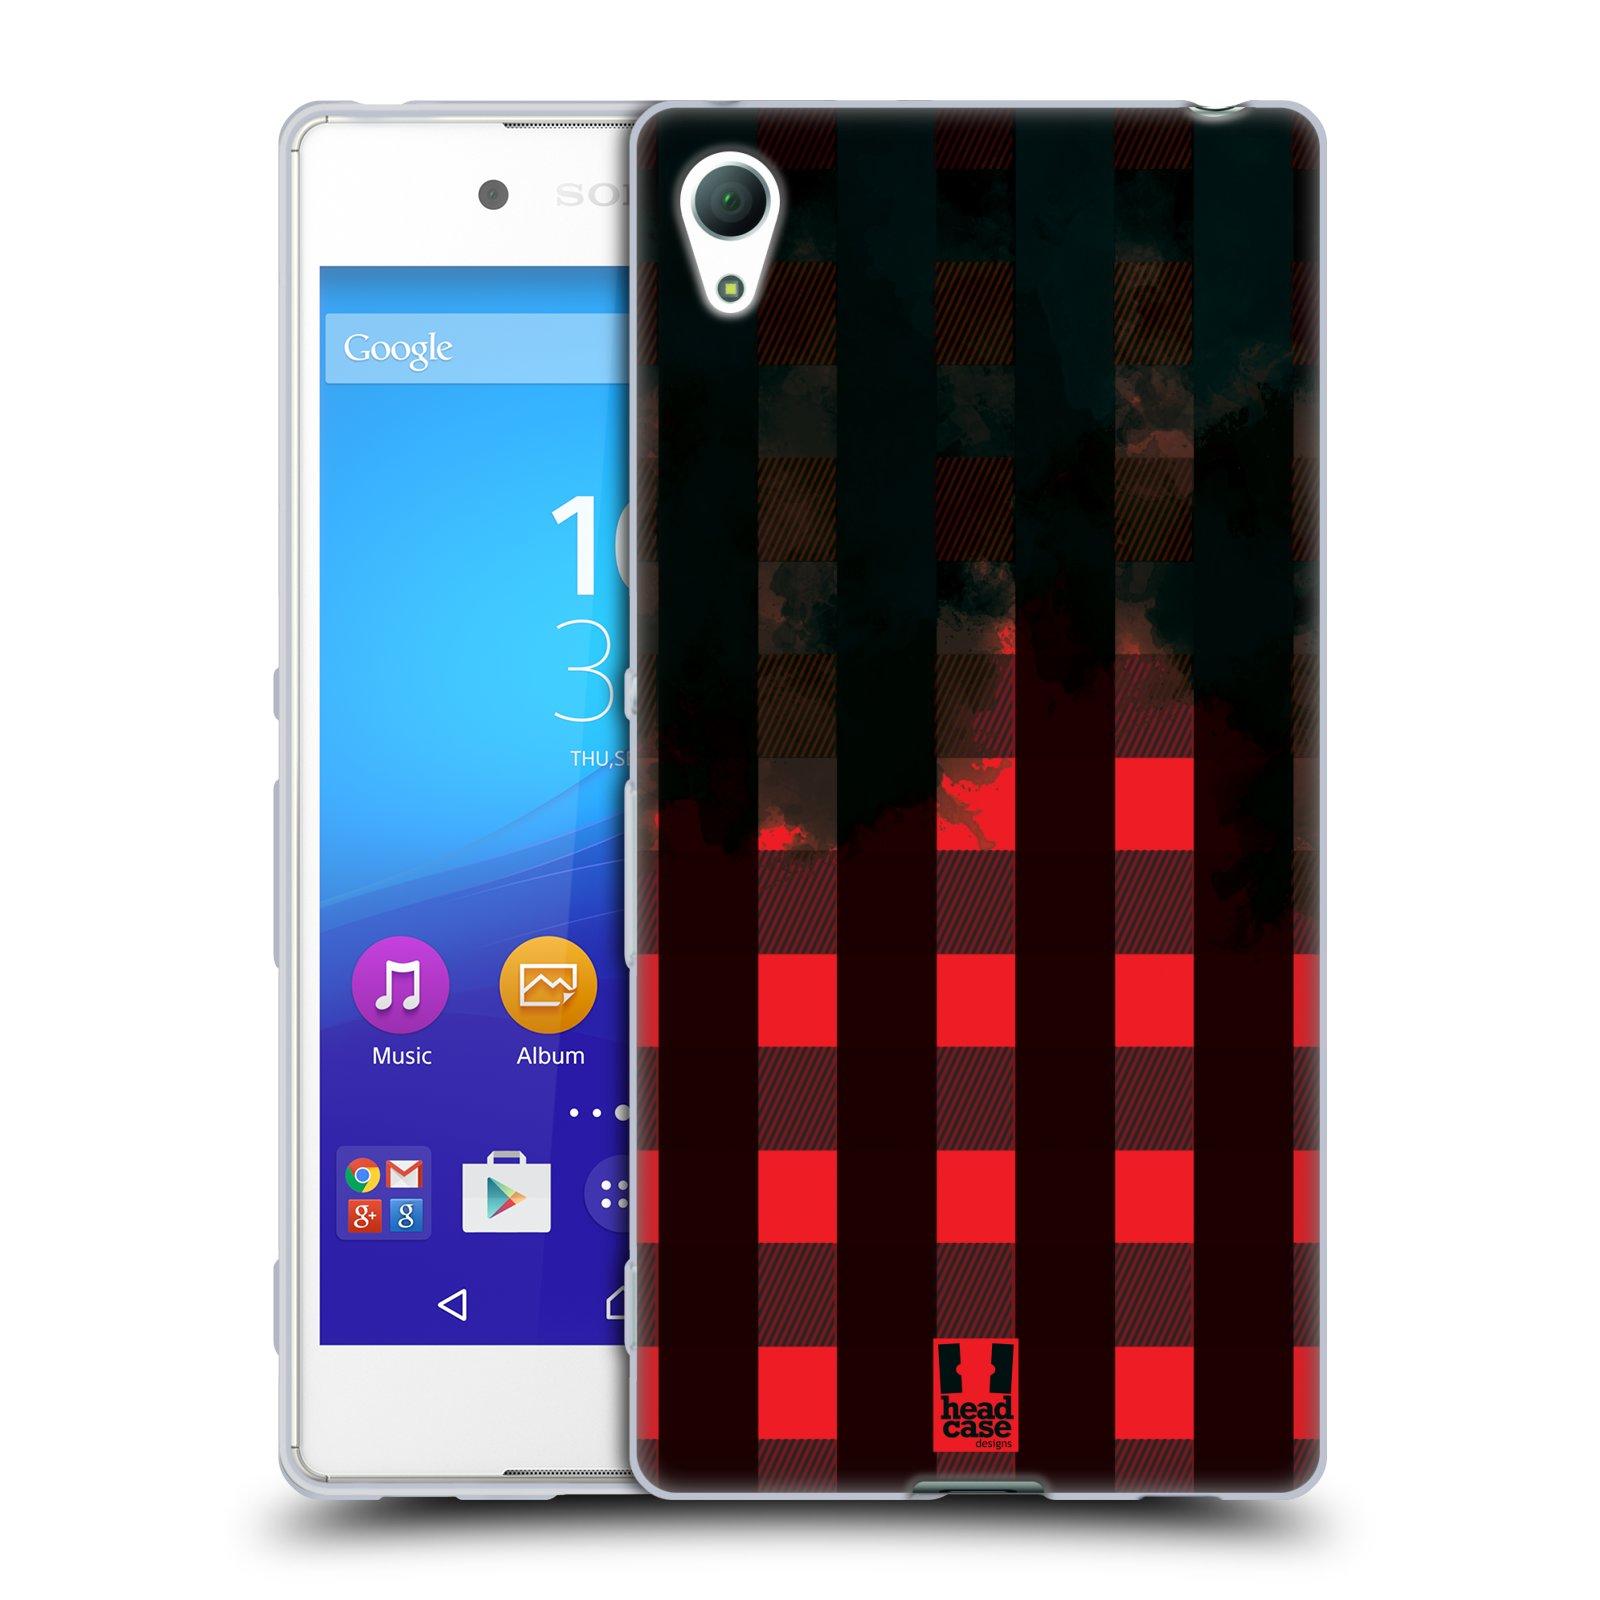 Silikonové pouzdro na mobil Sony Xperia Z3+ (Plus) HEAD CASE FLANEL RED BLACK (Silikonový kryt či obal na mobilní telefon Sony Xperia Z3+ / Z4 E6553)